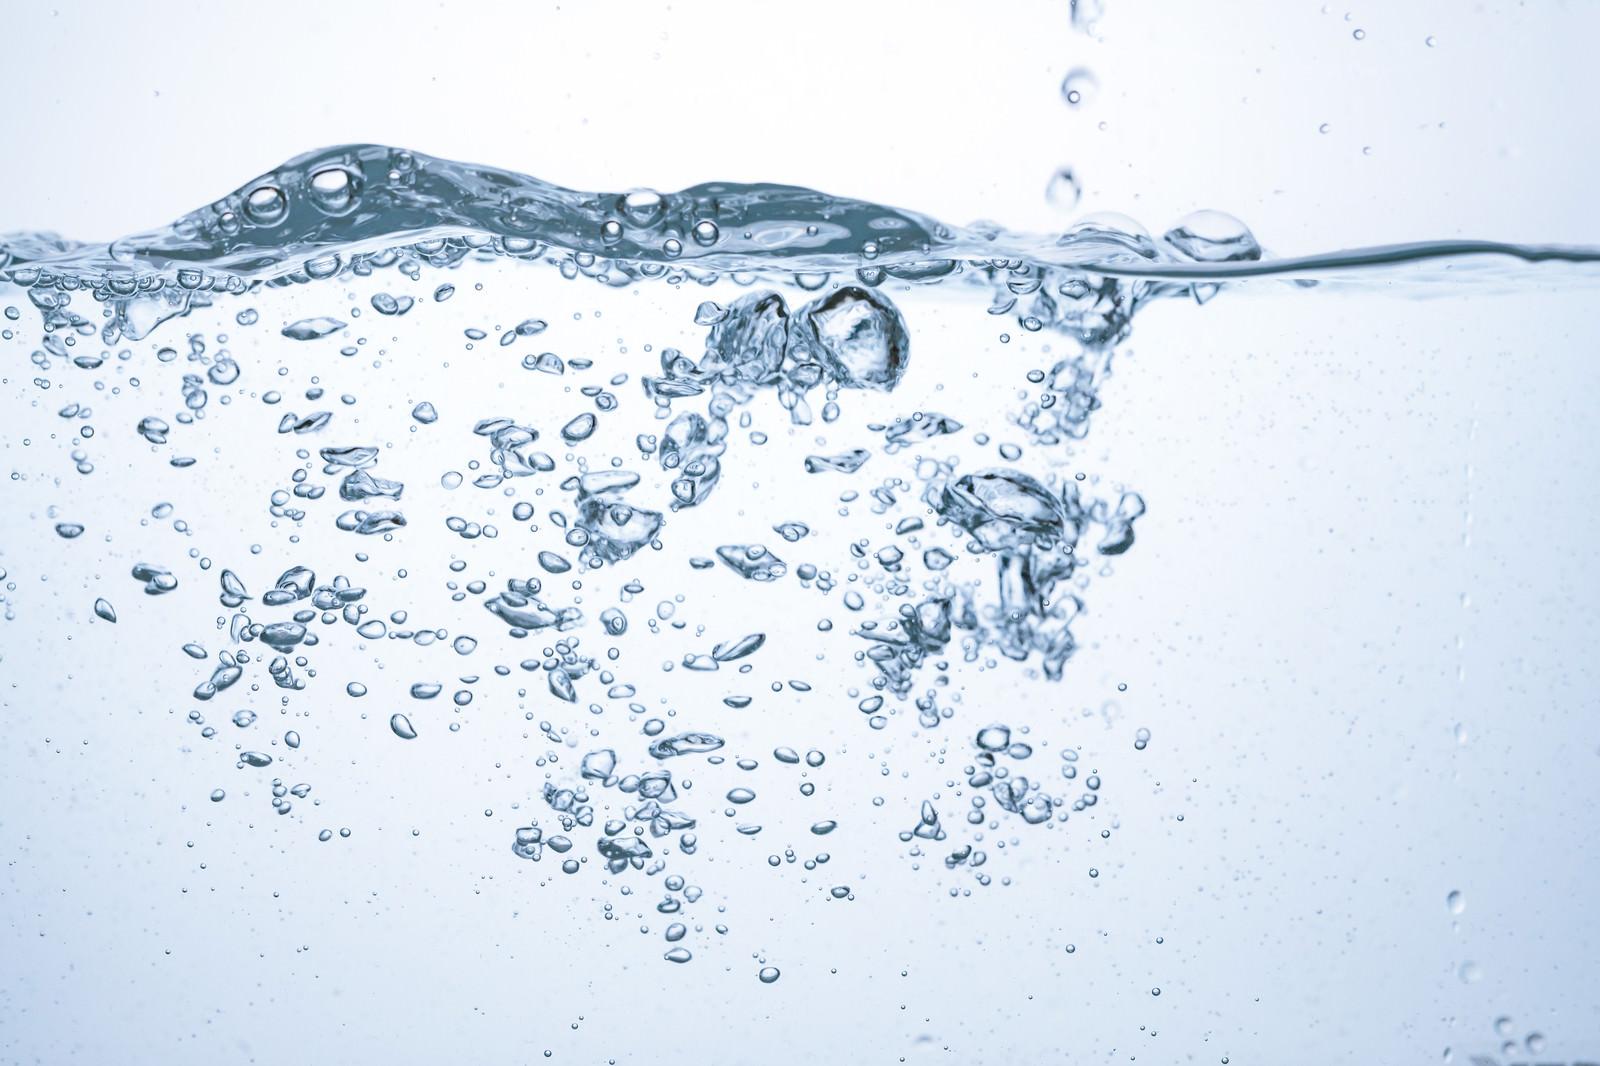 「水槽の波と気泡水槽の波と気泡」のフリー写真素材を拡大